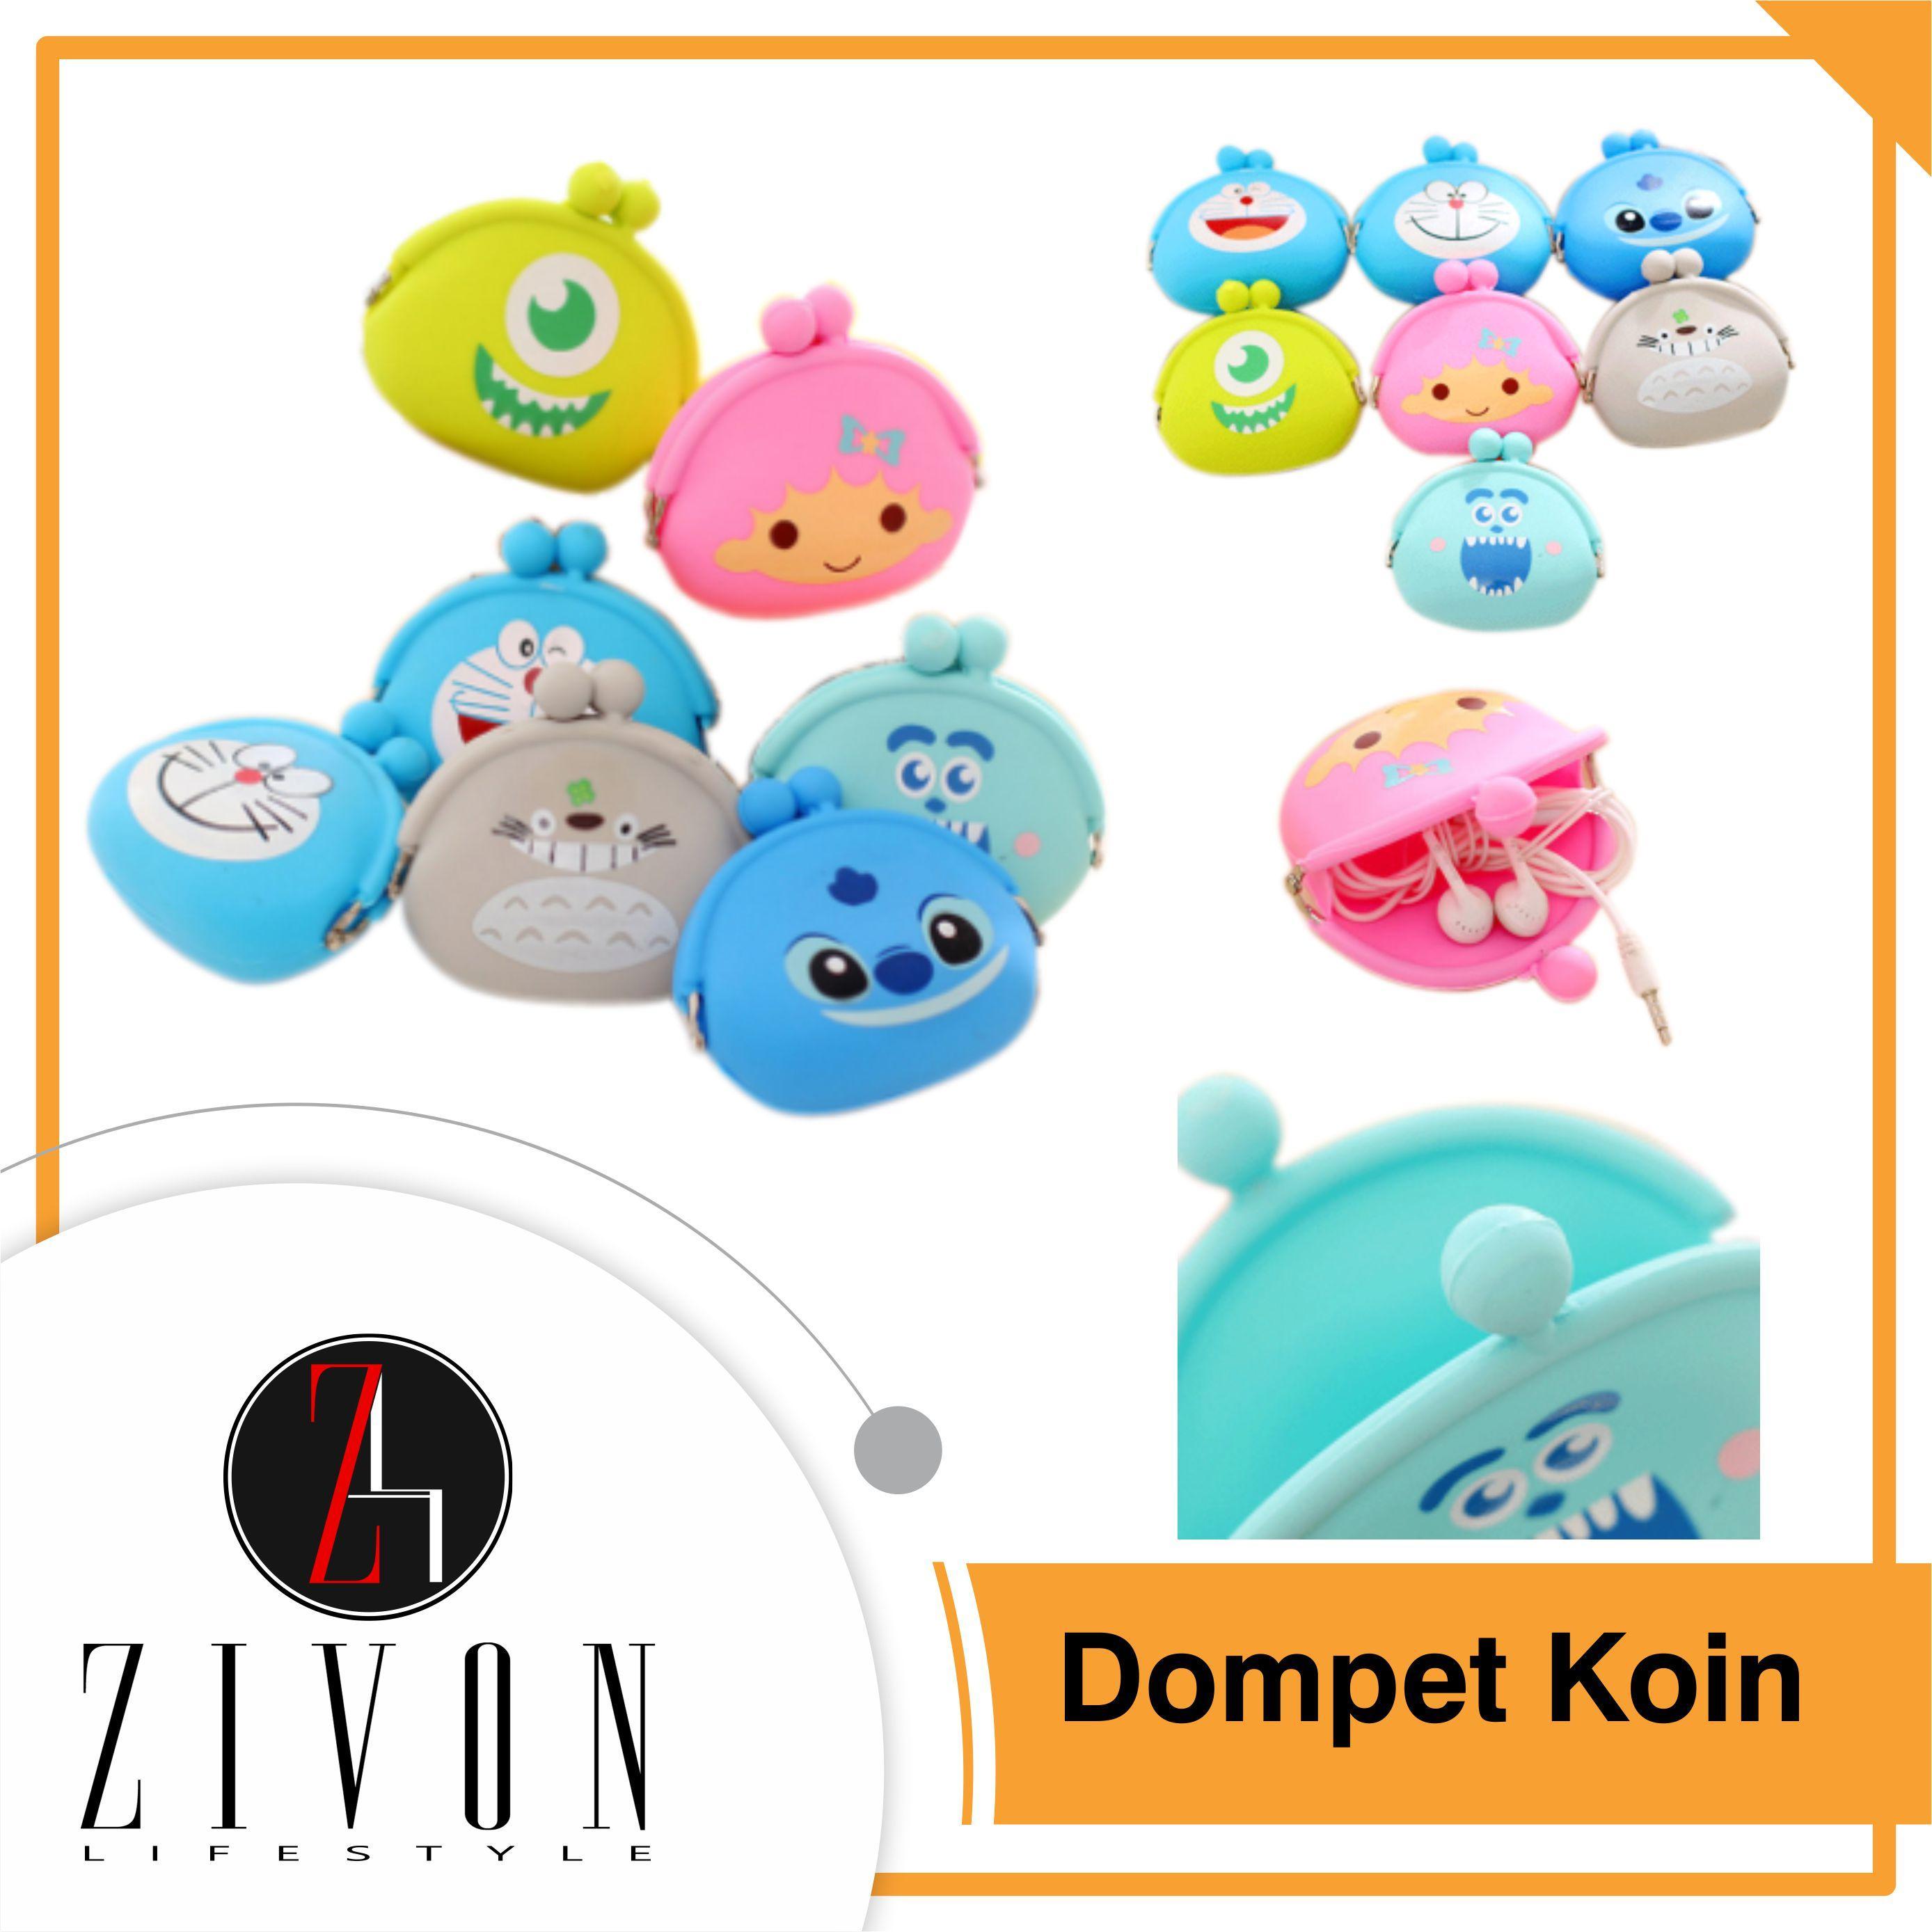 Promo Dompet Koin Silikon Kartun Korean Cute Cartoon Silicone Silicon Hello Kitty New Deskripsi Produk Purse Mh3 Ready Stok